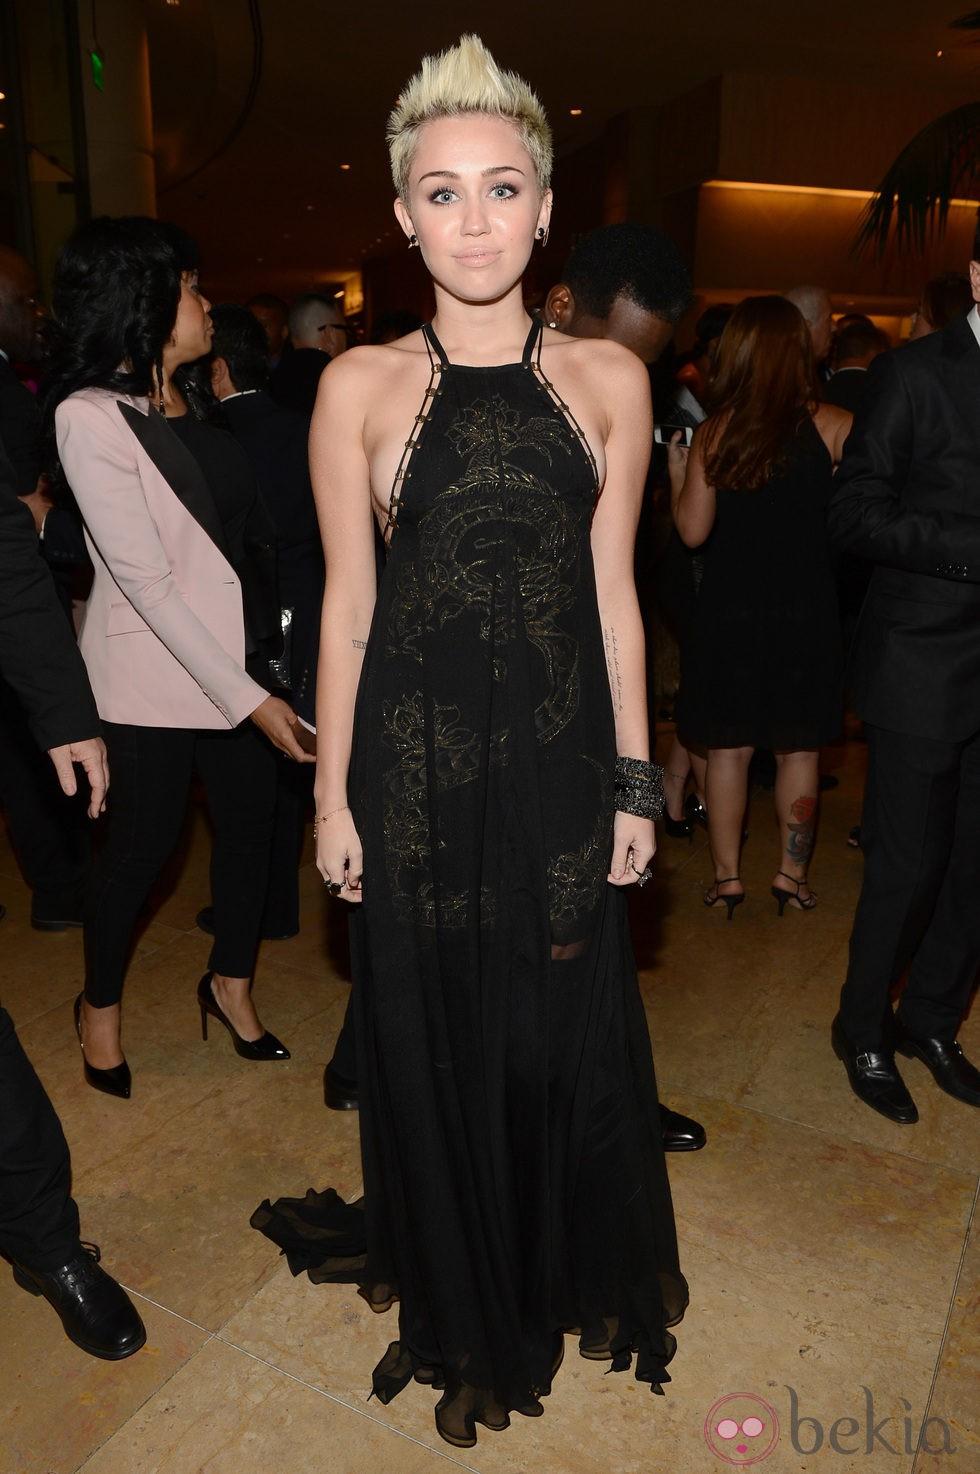 Miley Cyrus en la gala pre-Grammy 2013 - Famosos en las ... Miley Cyrus Grammys 2013